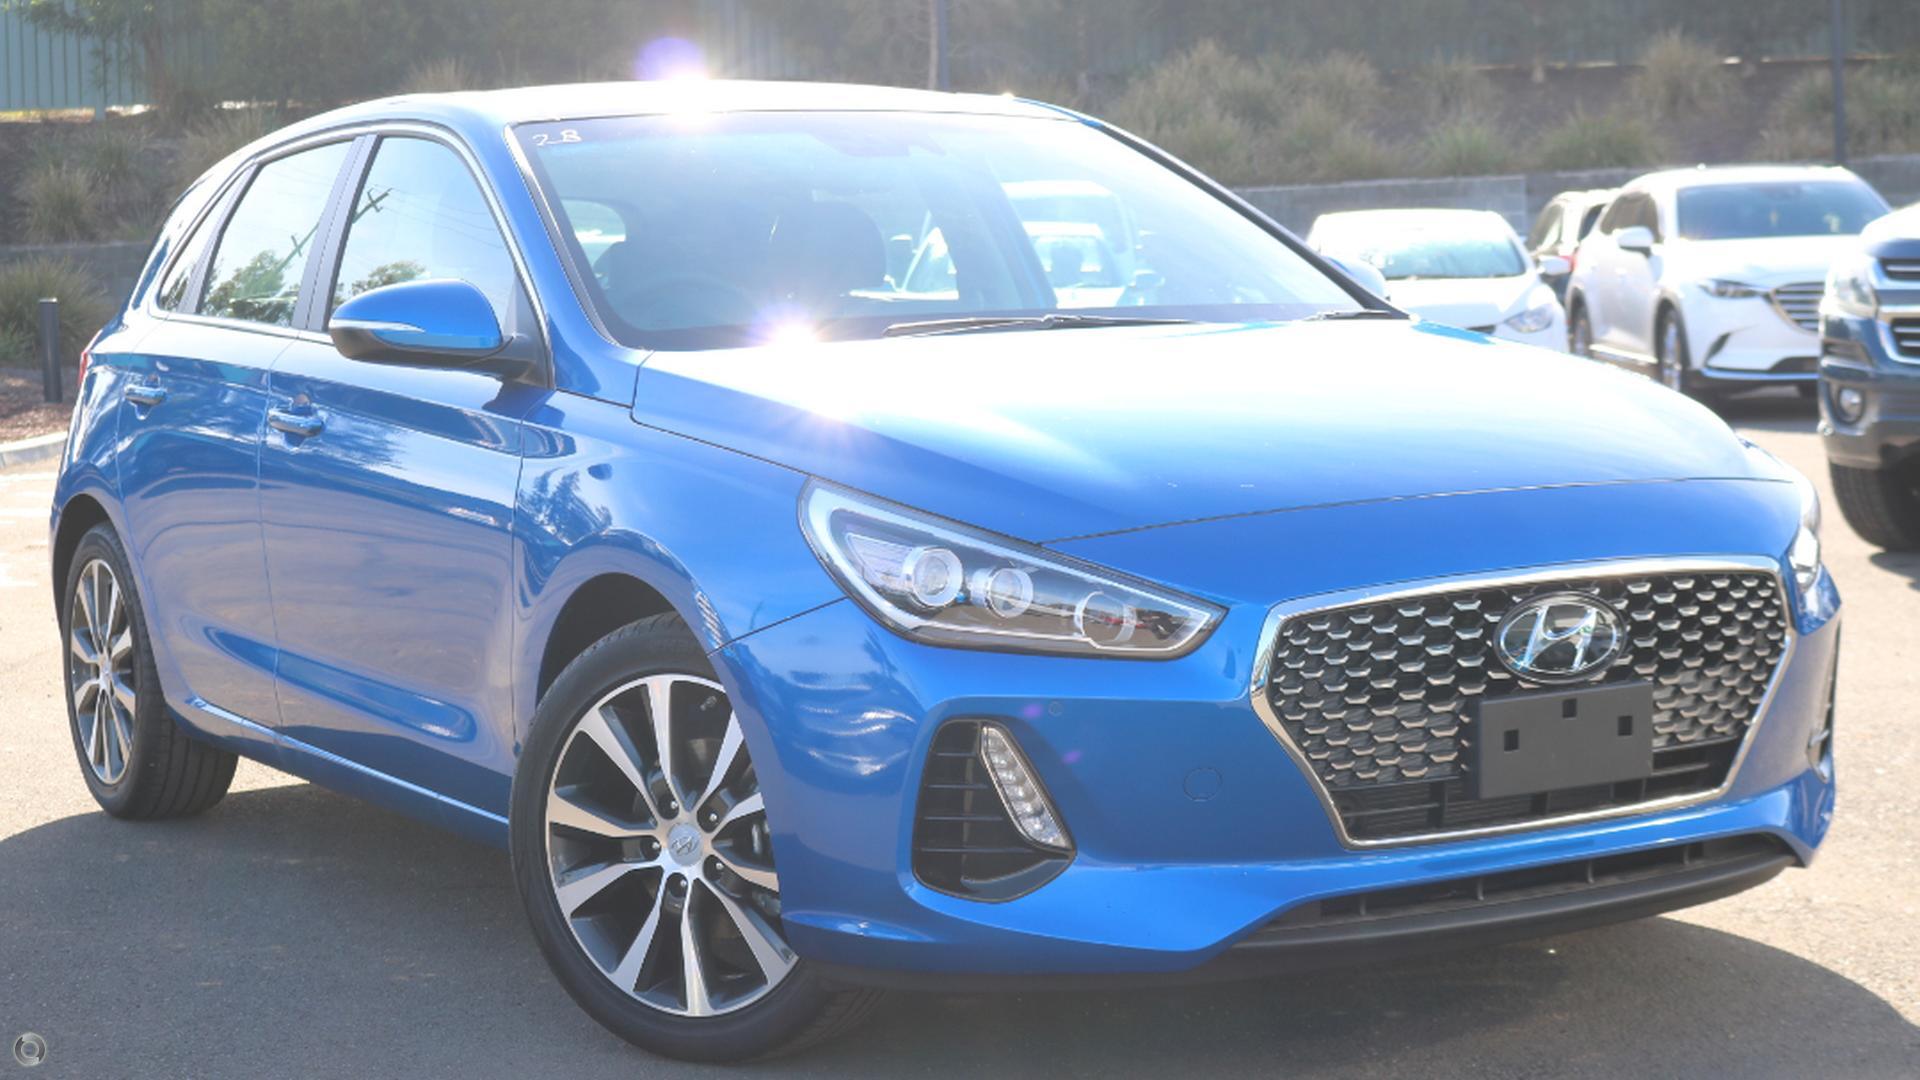 2018 Hyundai I30 Premium